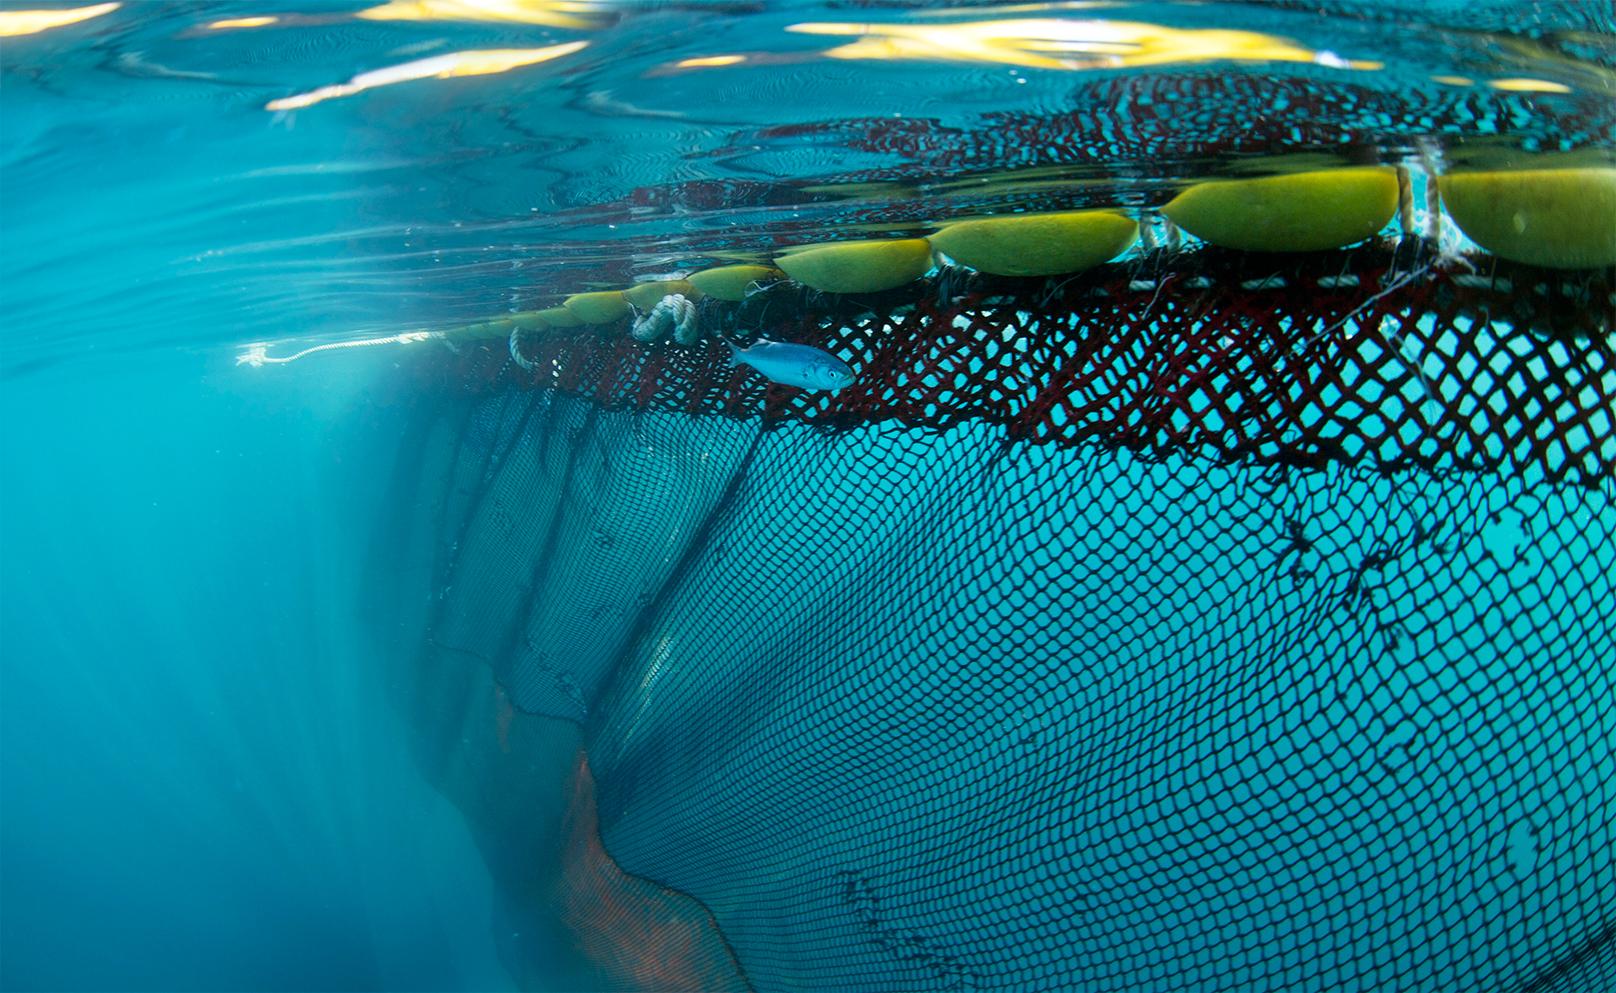 Pesca oggi - Rete da pesca per decorazioni ...